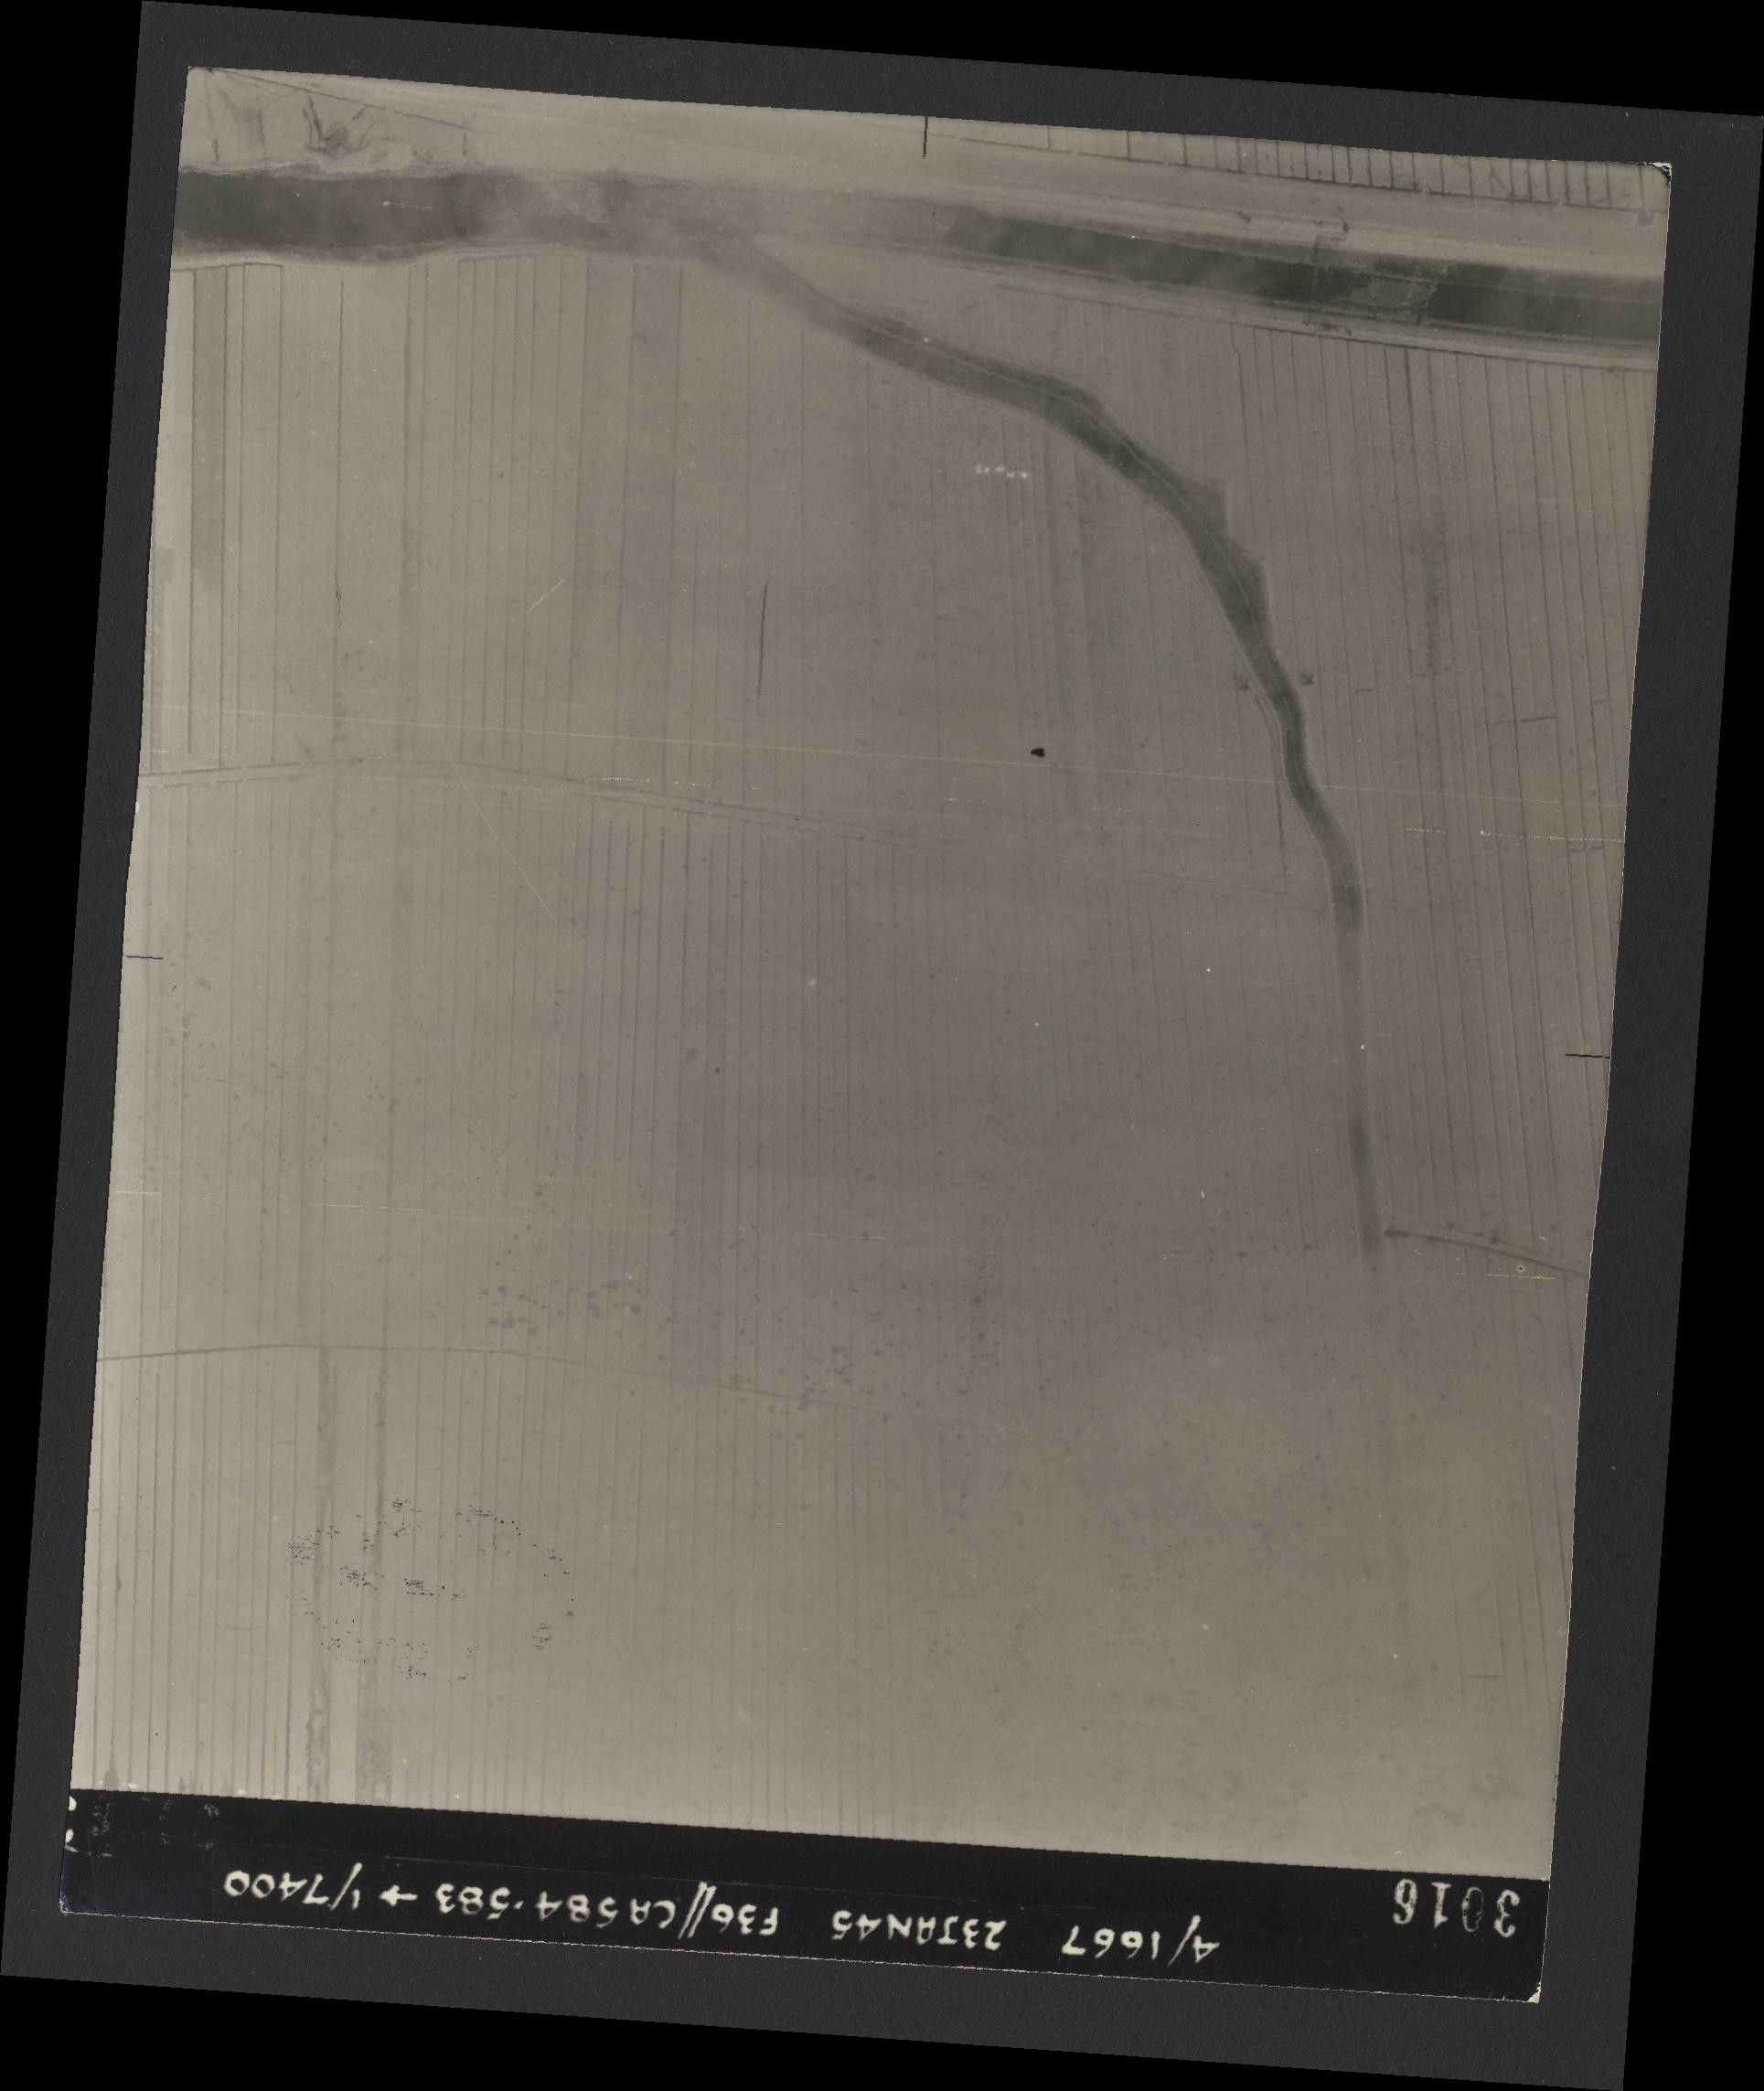 Collection RAF aerial photos 1940-1945 - flight 324, run 01, photo 3016